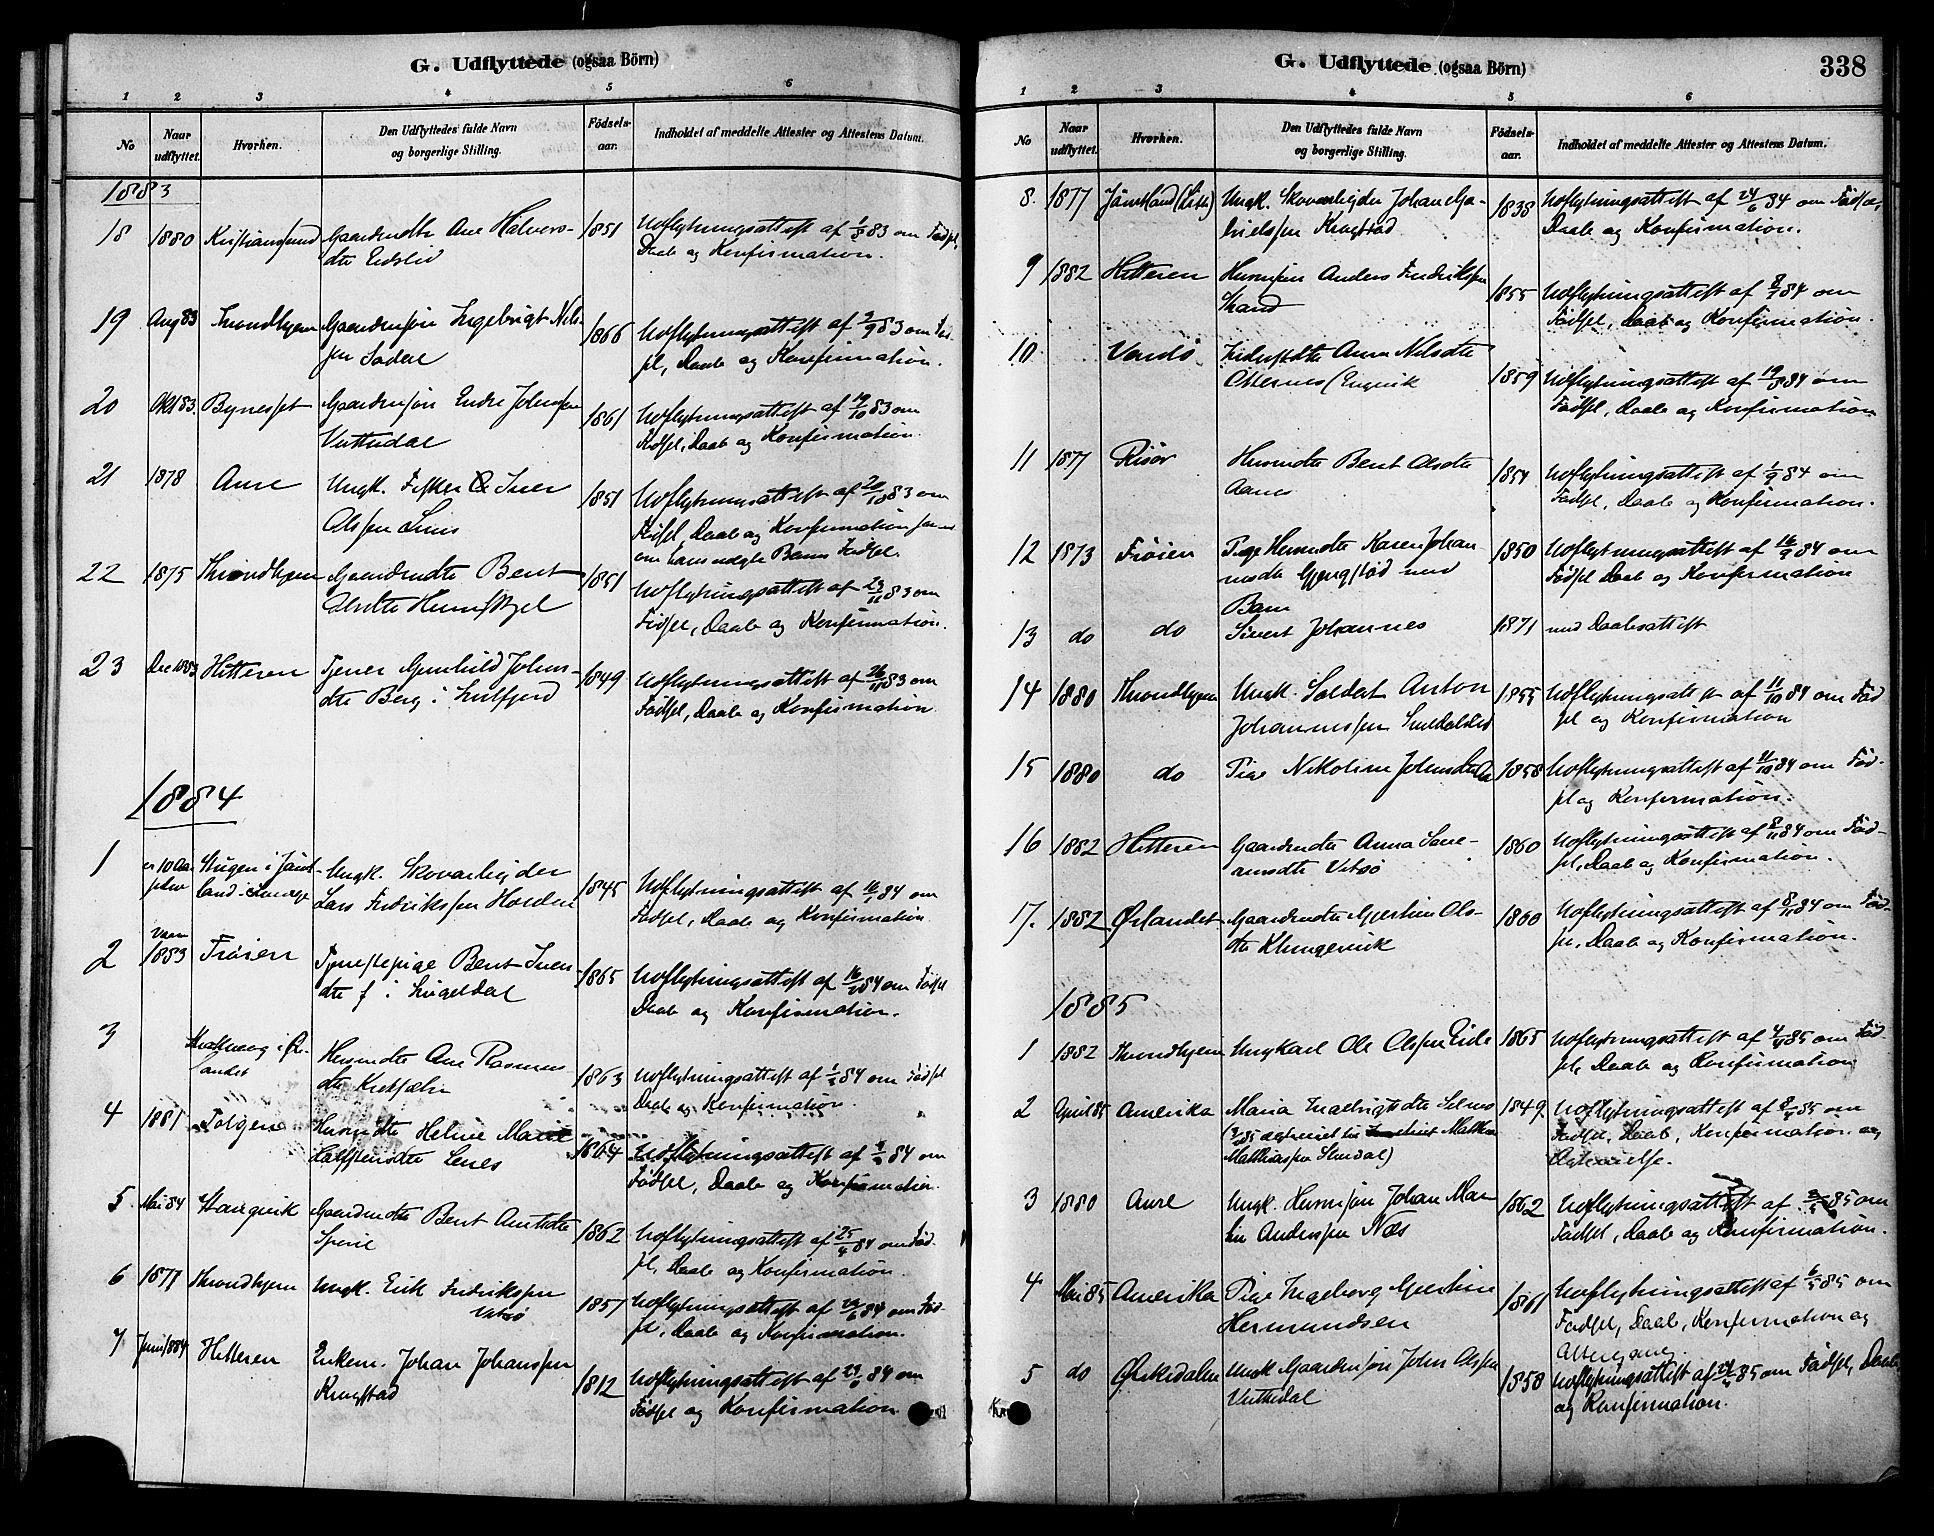 SAT, Ministerialprotokoller, klokkerbøker og fødselsregistre - Sør-Trøndelag, 630/L0496: Ministerialbok nr. 630A09, 1879-1895, s. 338